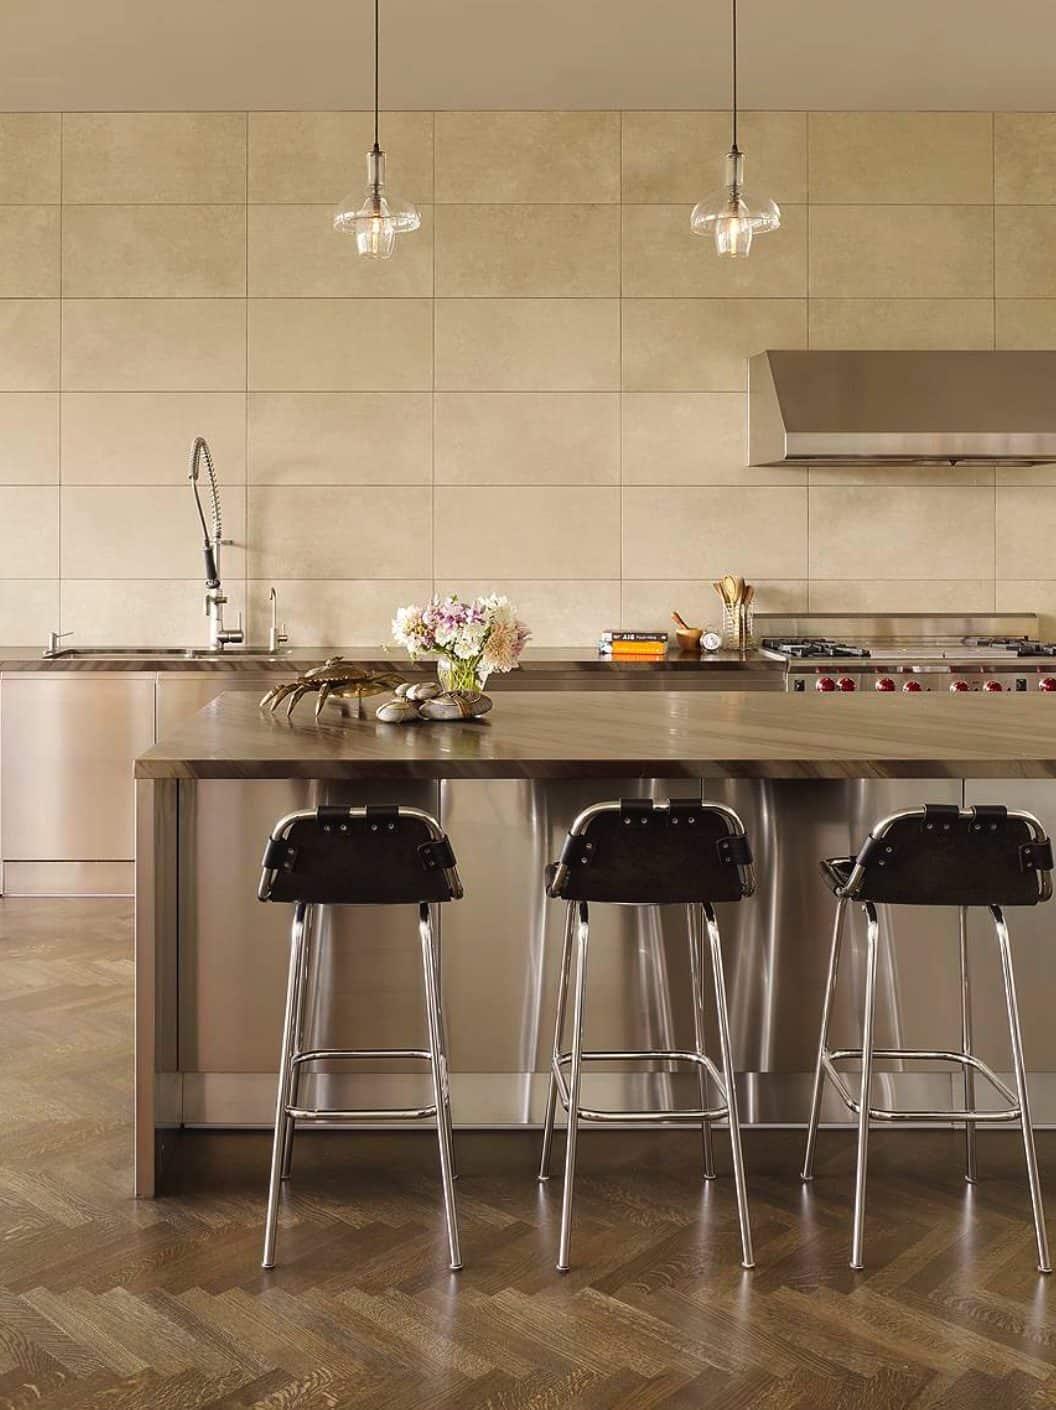 Maison moderne-Redmond Aldrich Design-05-1 Kindesign